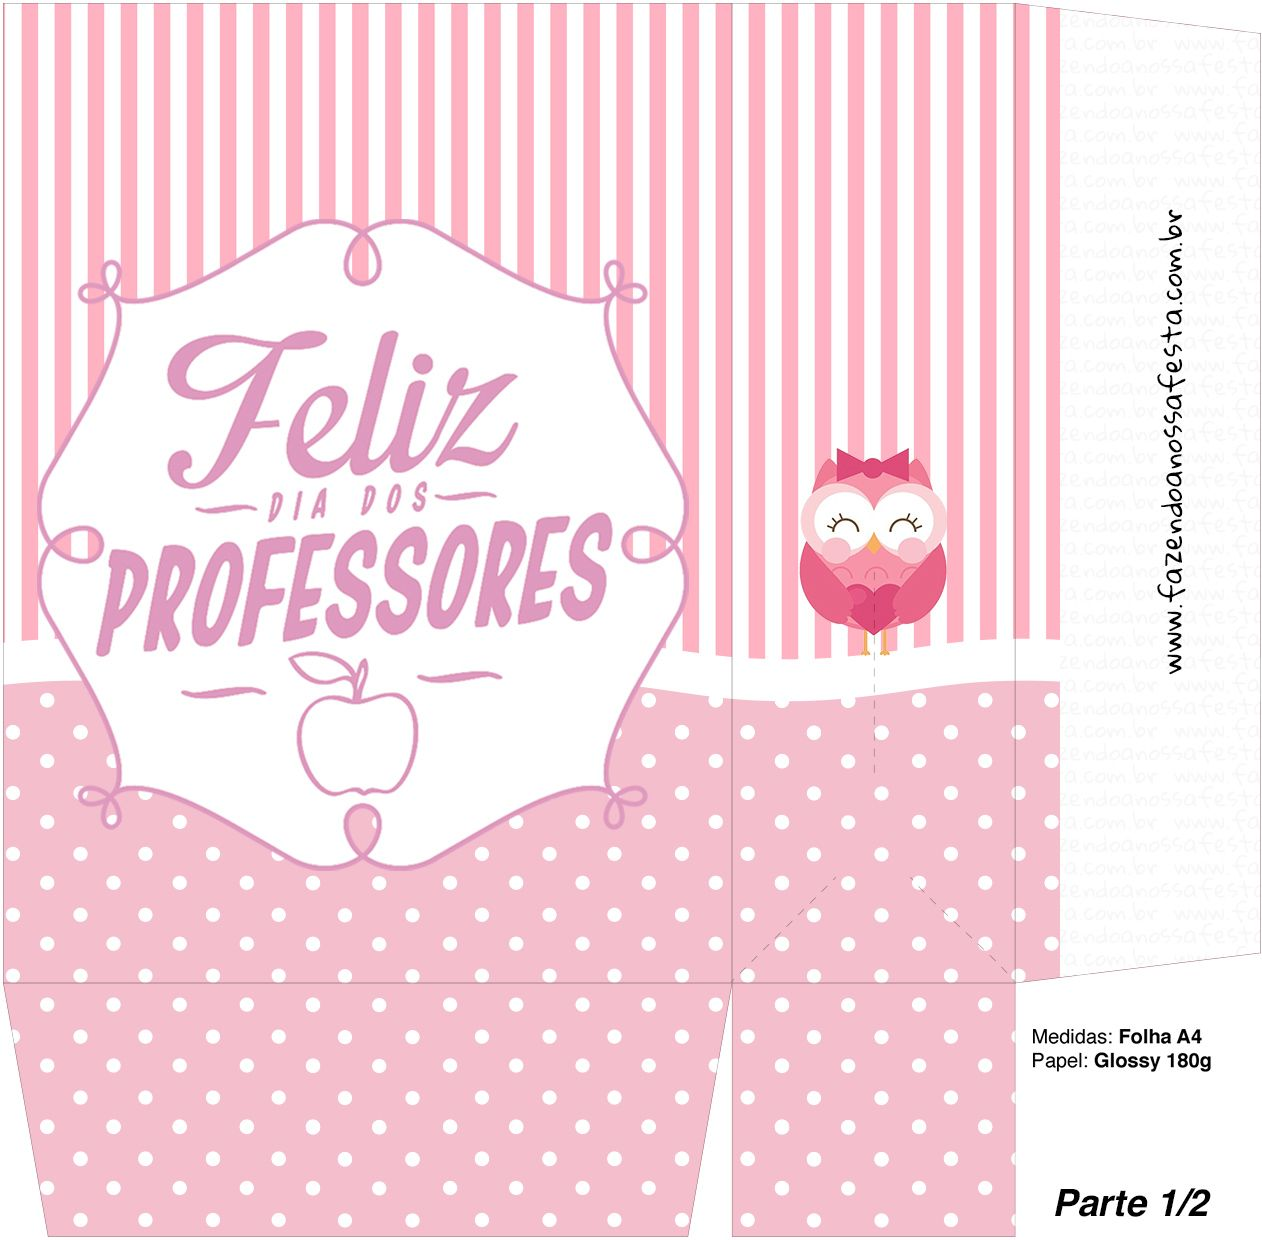 Sacolinha Surpresa Dia dos Professores Corujinha Rosa - Parte 2